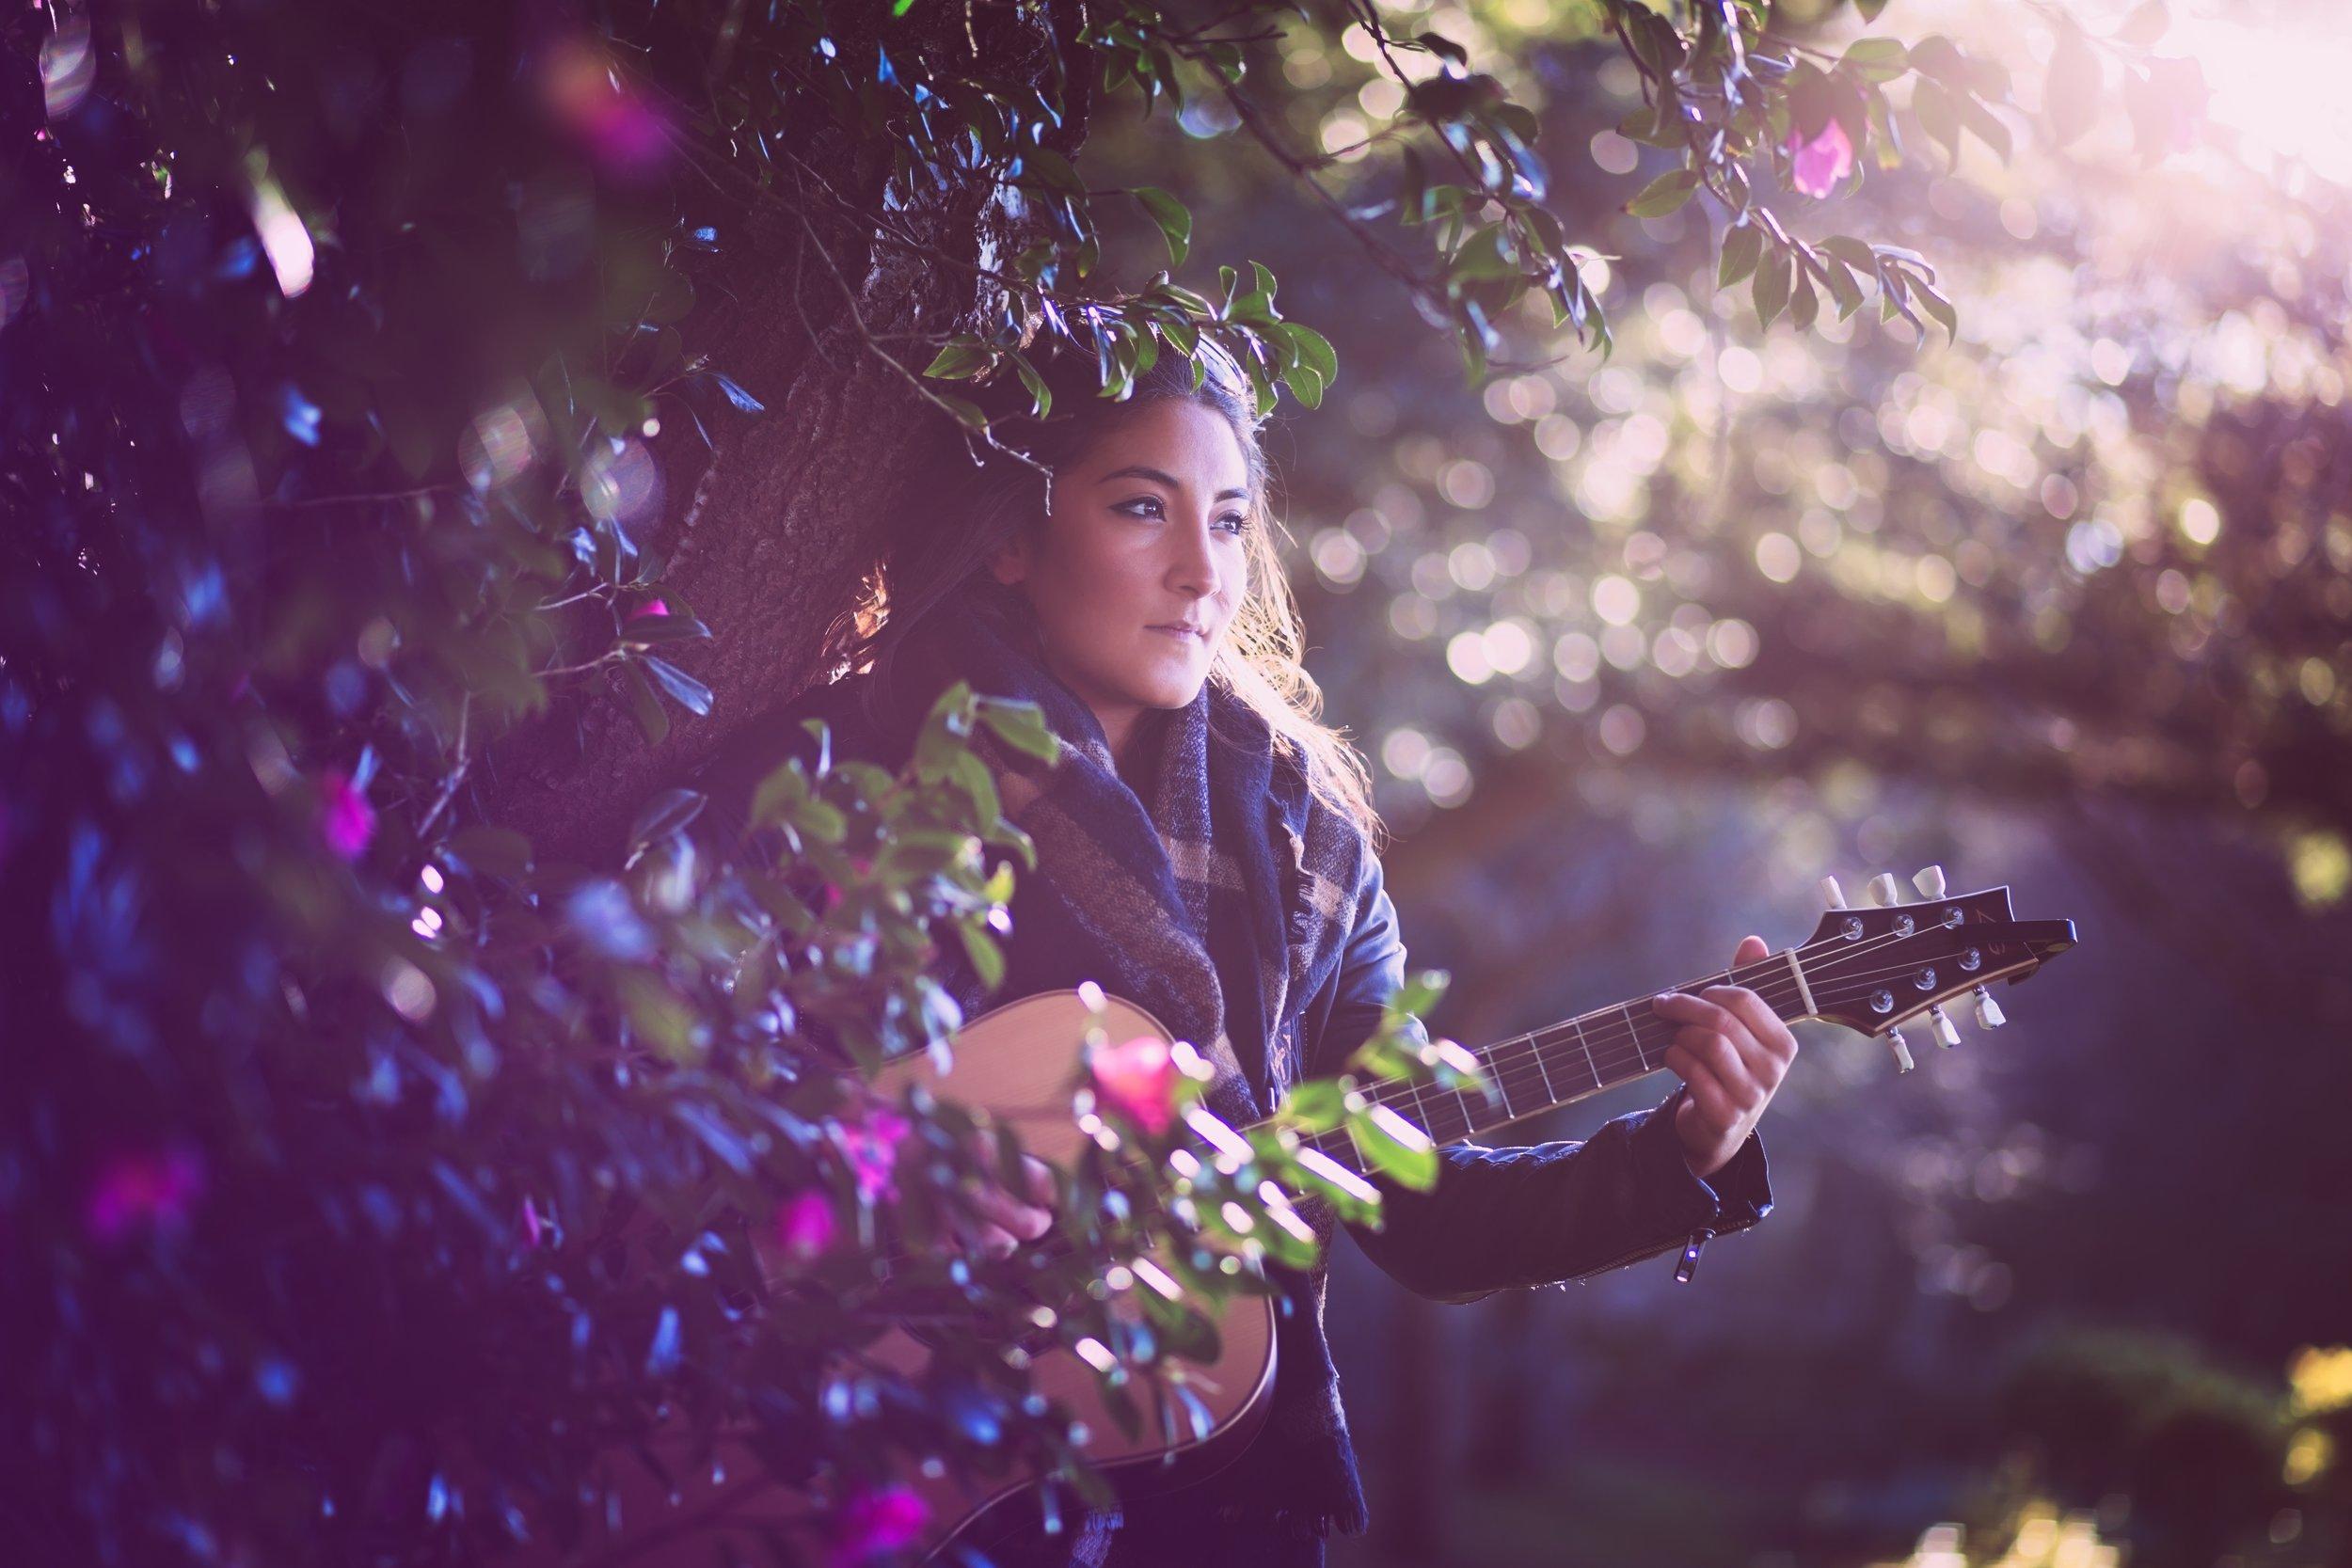 pari-female-guitar-vocalist